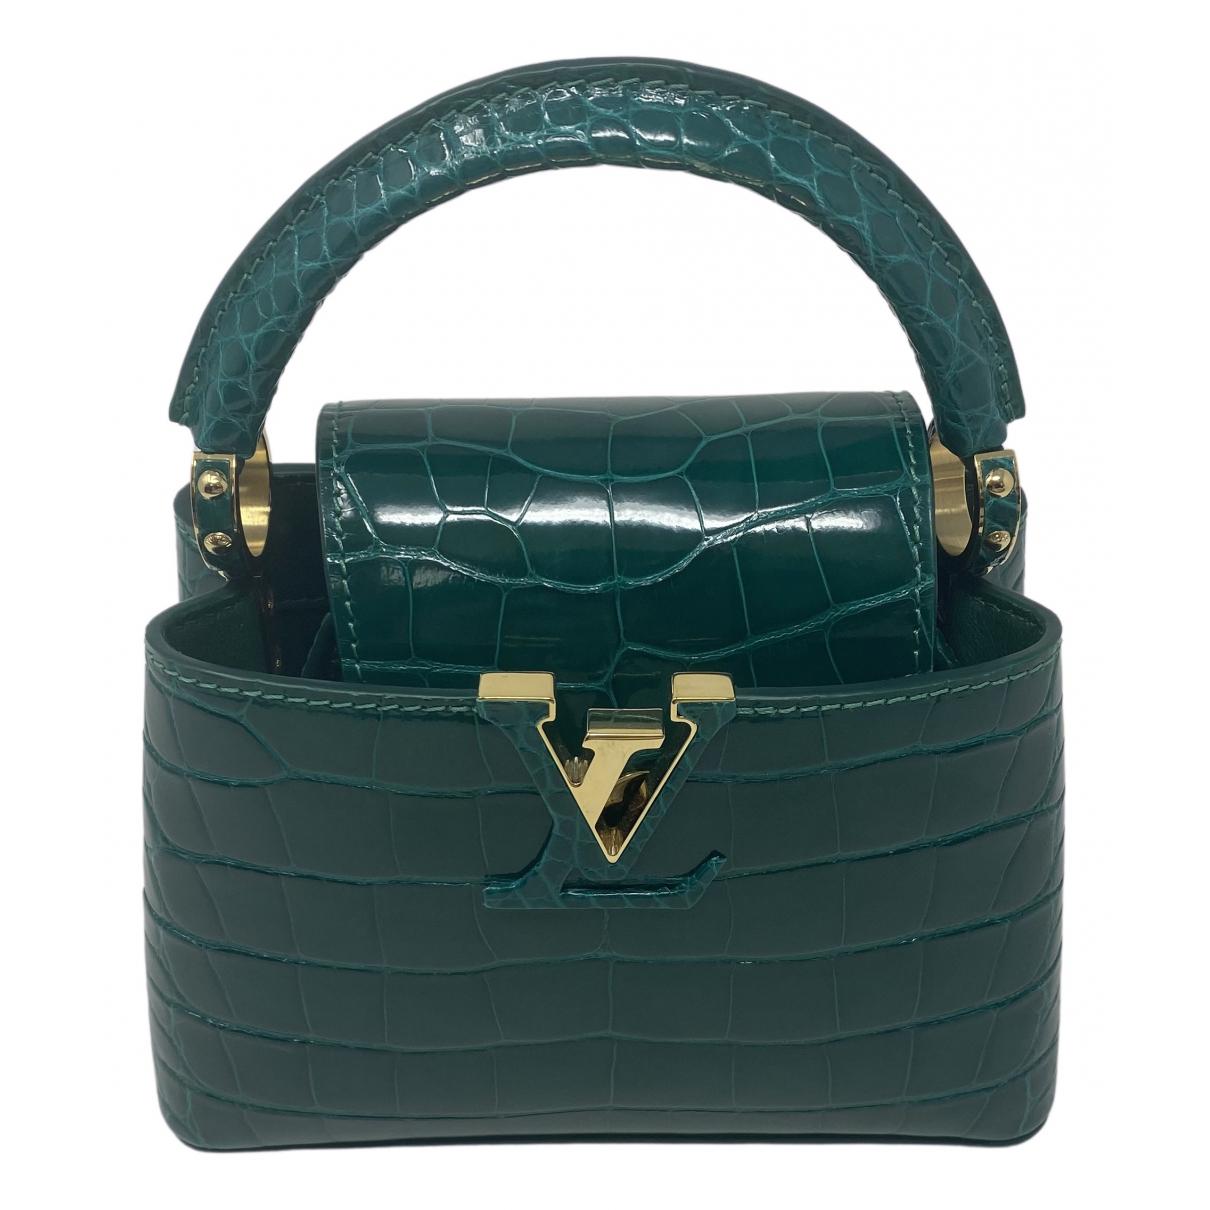 Louis Vuitton Capucines Handtasche in  Gruen Aligator